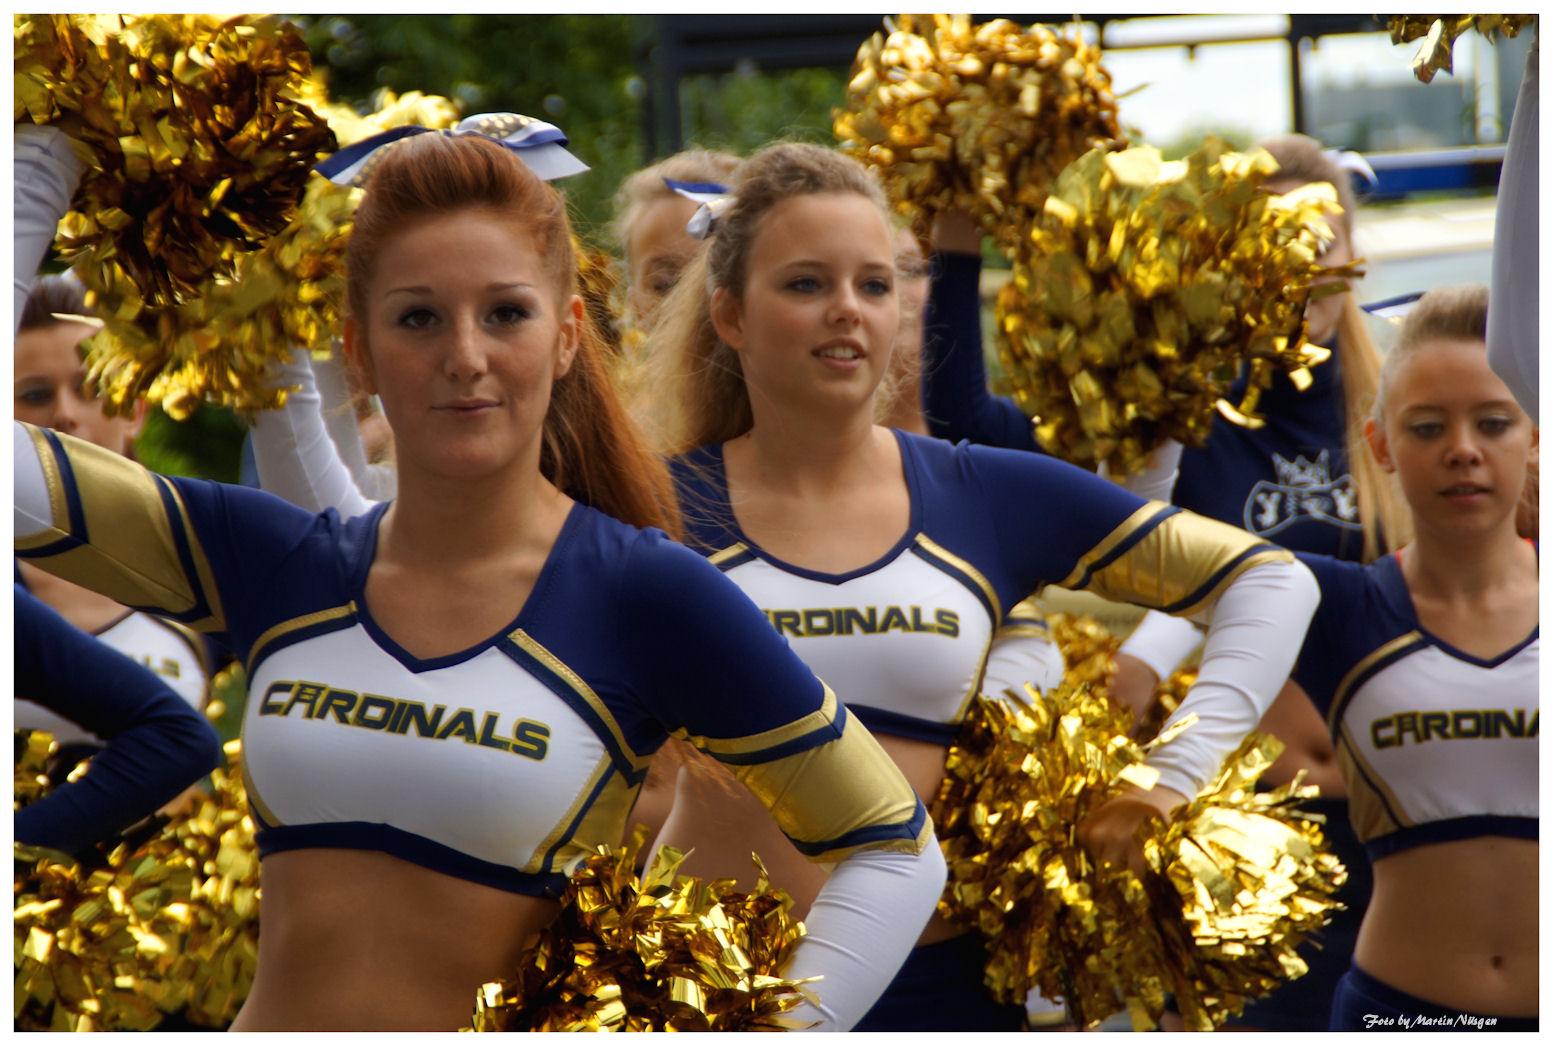 Cheerleaders 2014 in Essen